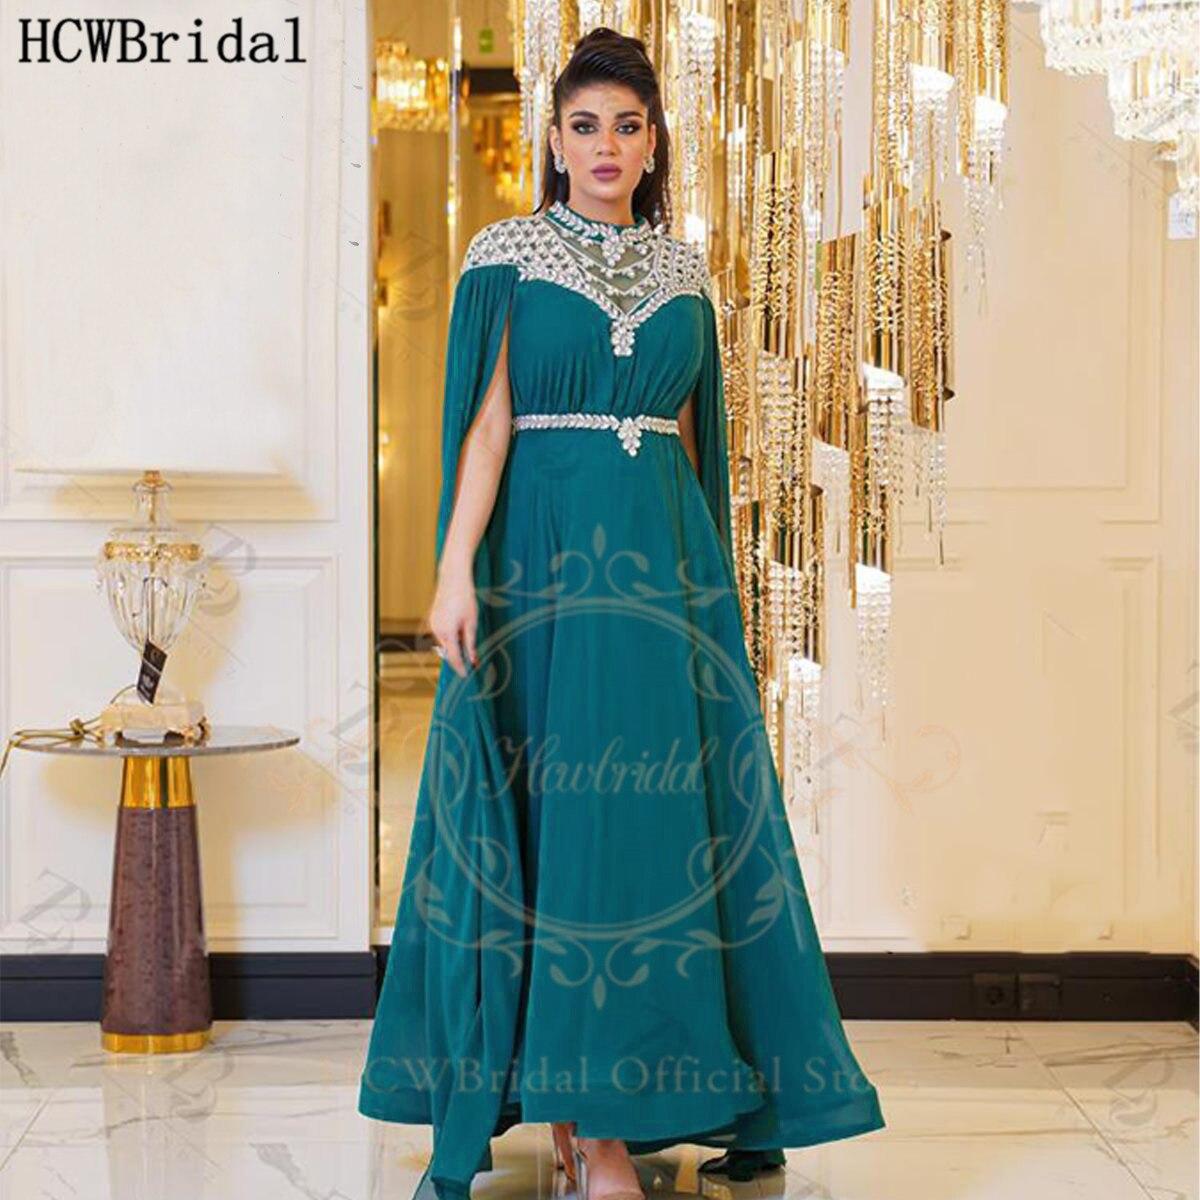 الفيروز 2021 فستان سهرة عربي بأكمام طويلة خط رقبة عالية شيك كريستال شيفون مناسبة رسمية رداء حفلات الزفاف